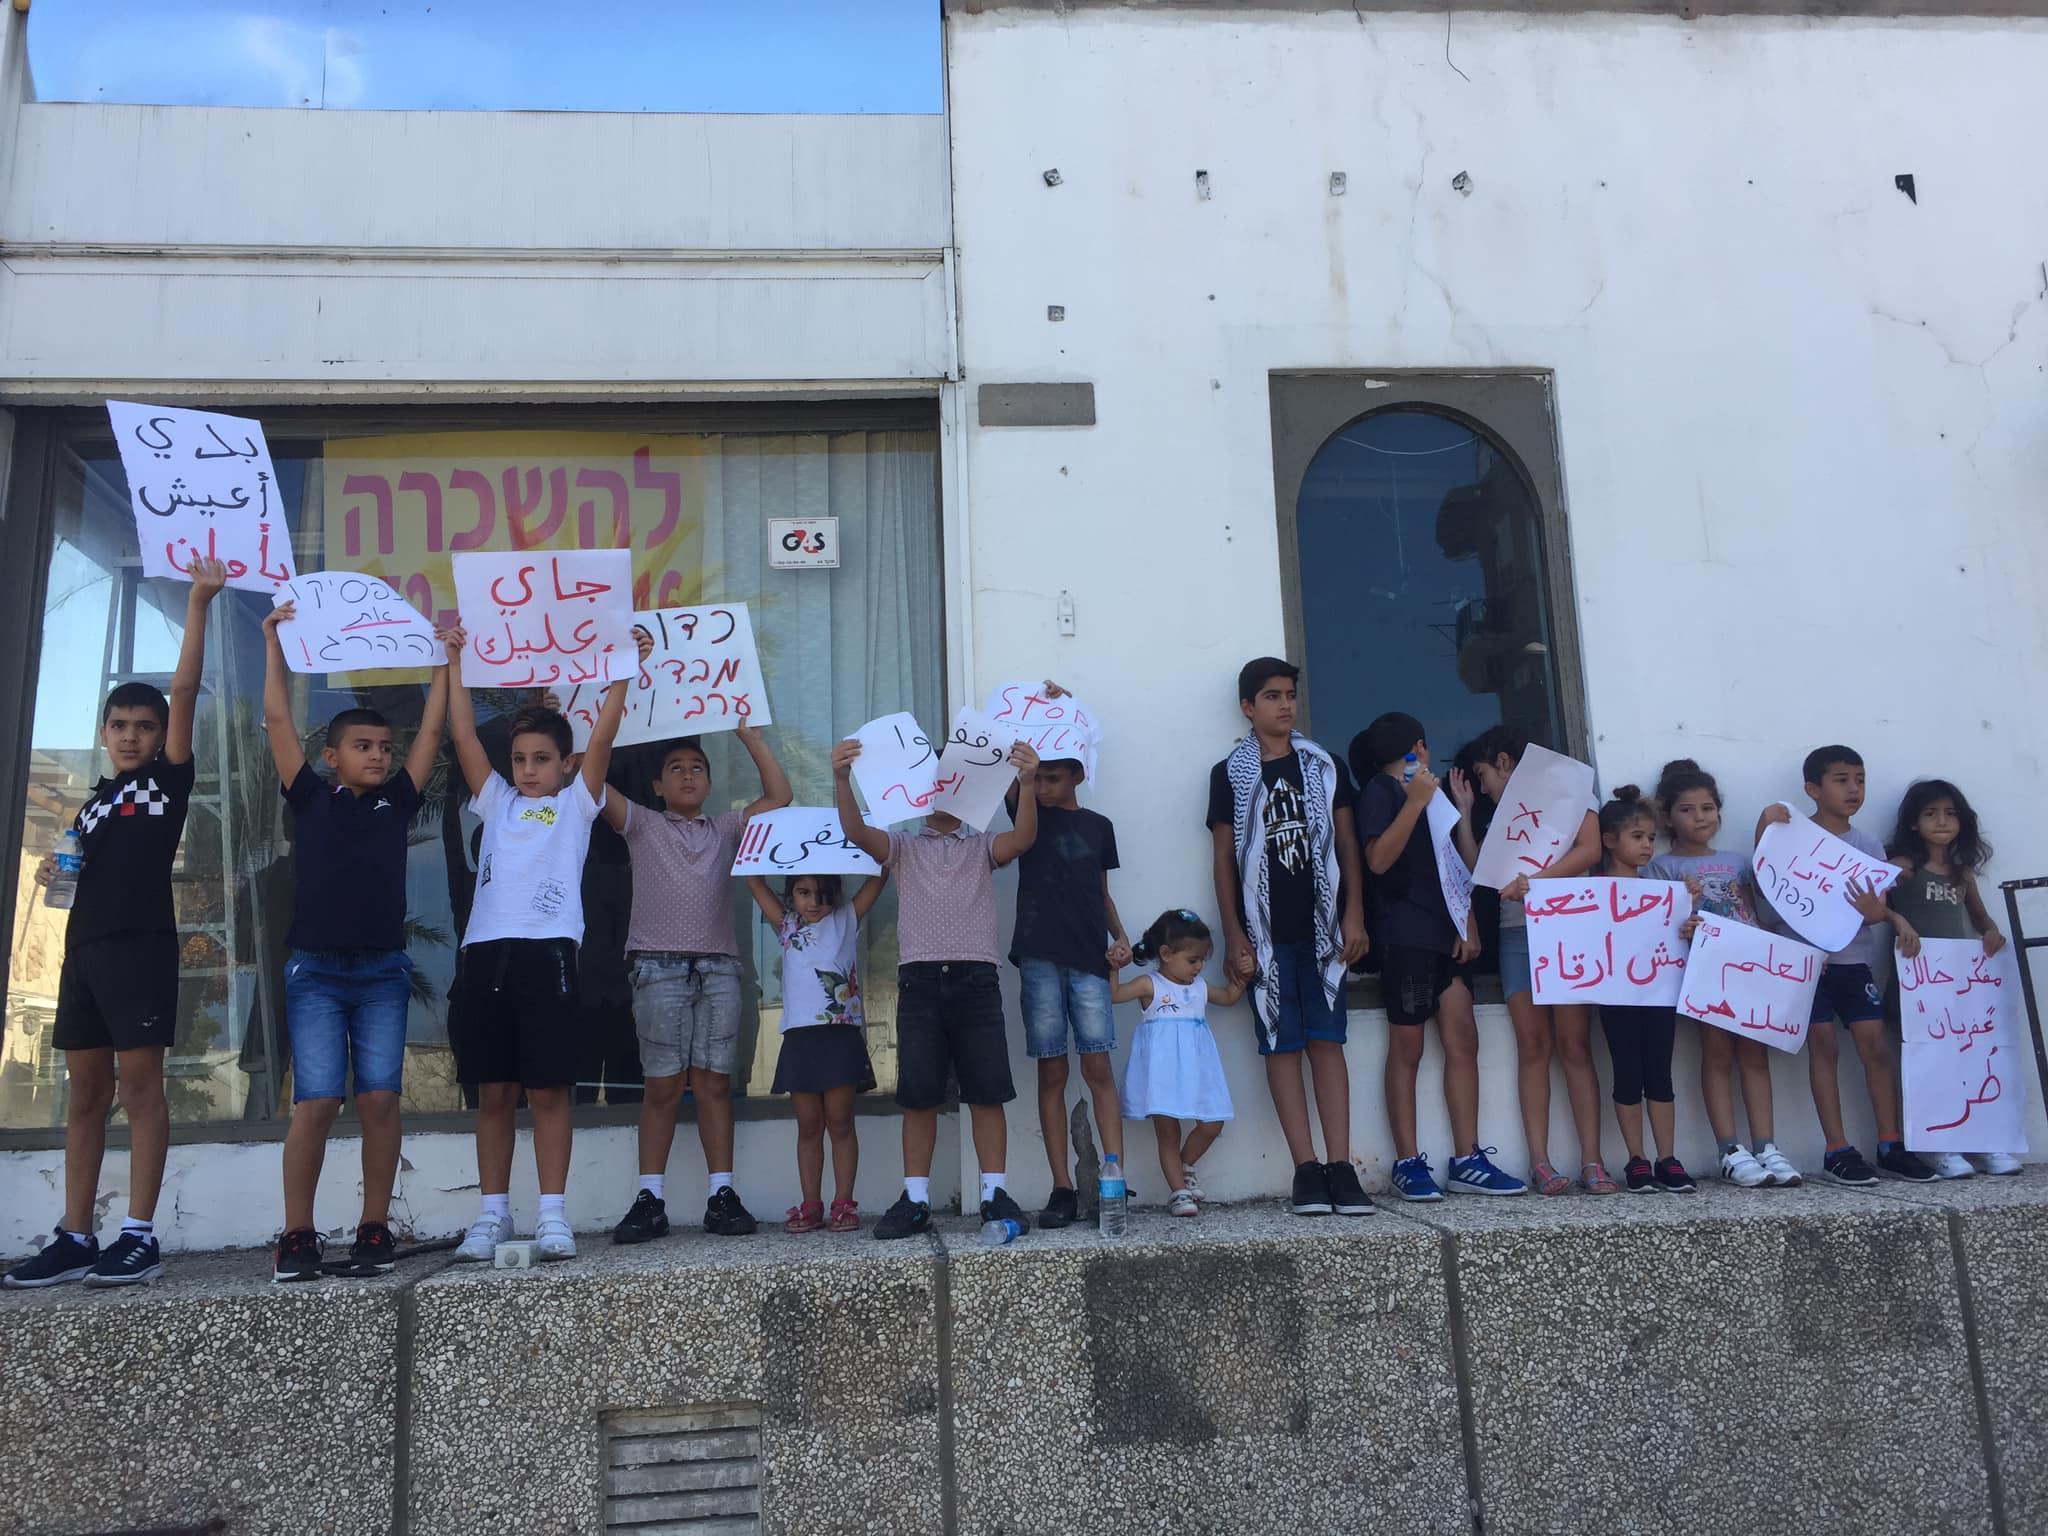 استمرار التظاهرات الرافضة للعنف في مداخل البلدات العربية